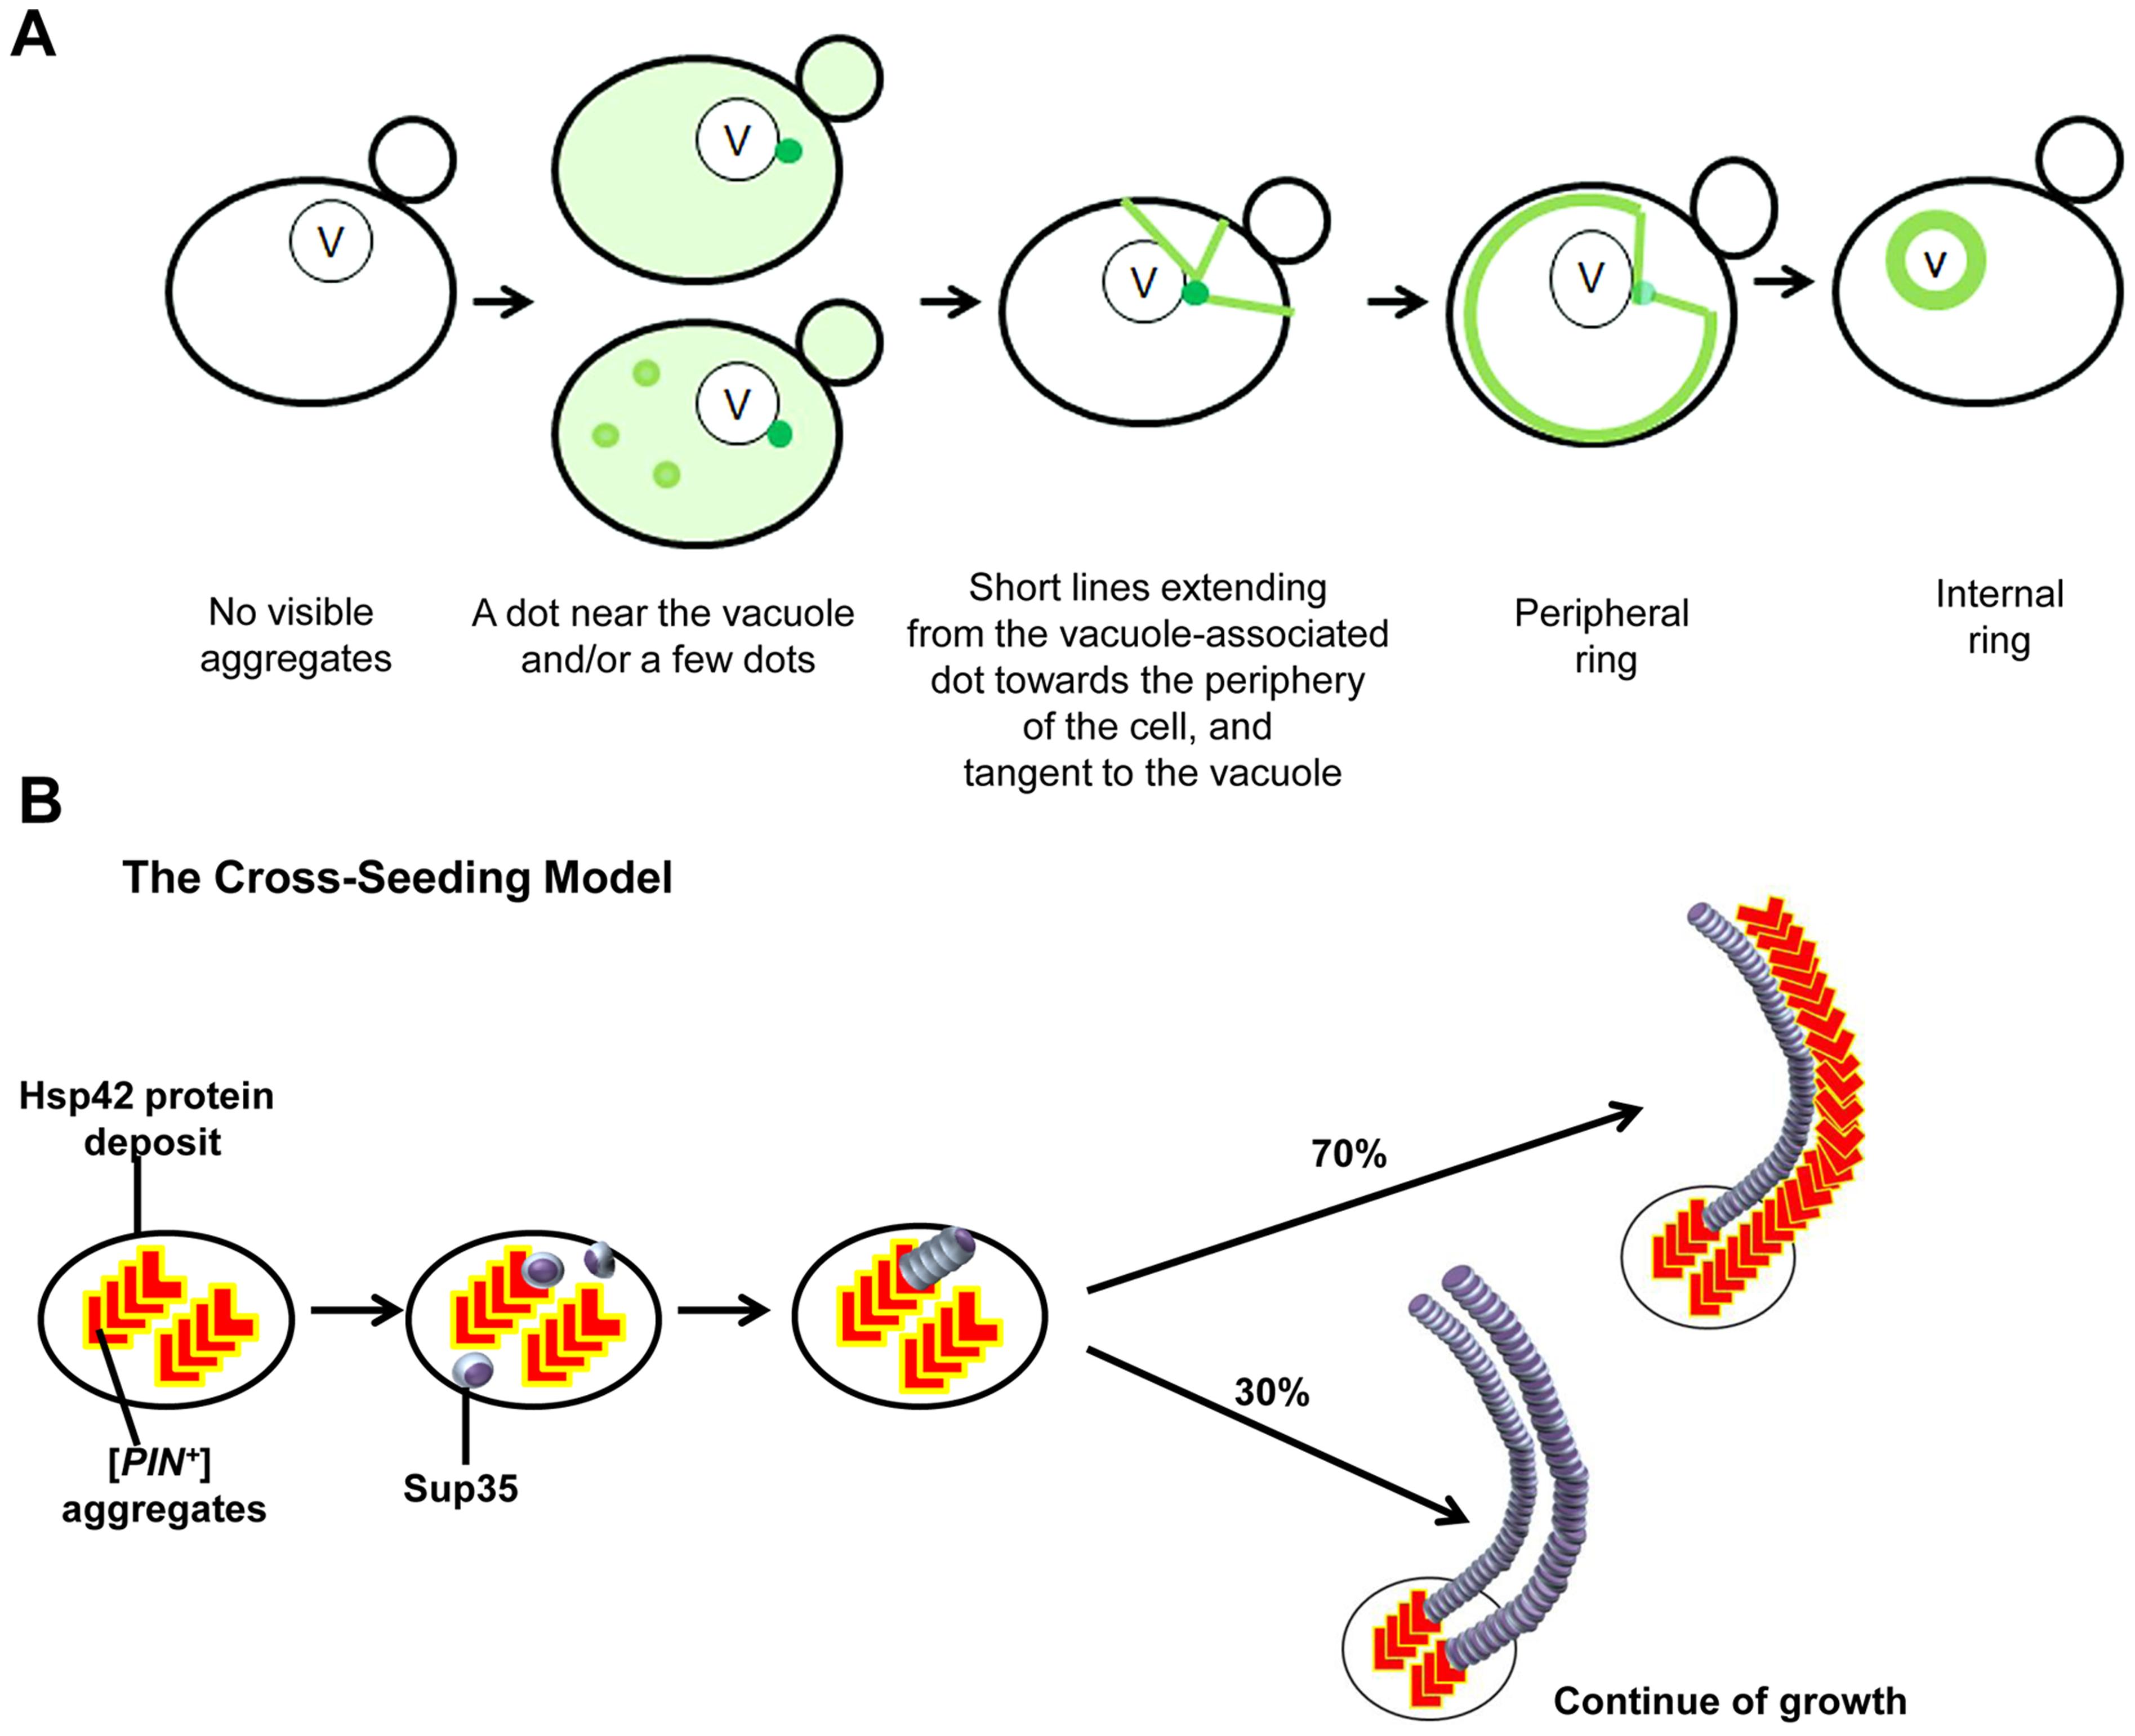 Models we propose to explain <i>de novo</i> Sup35 aggregation.